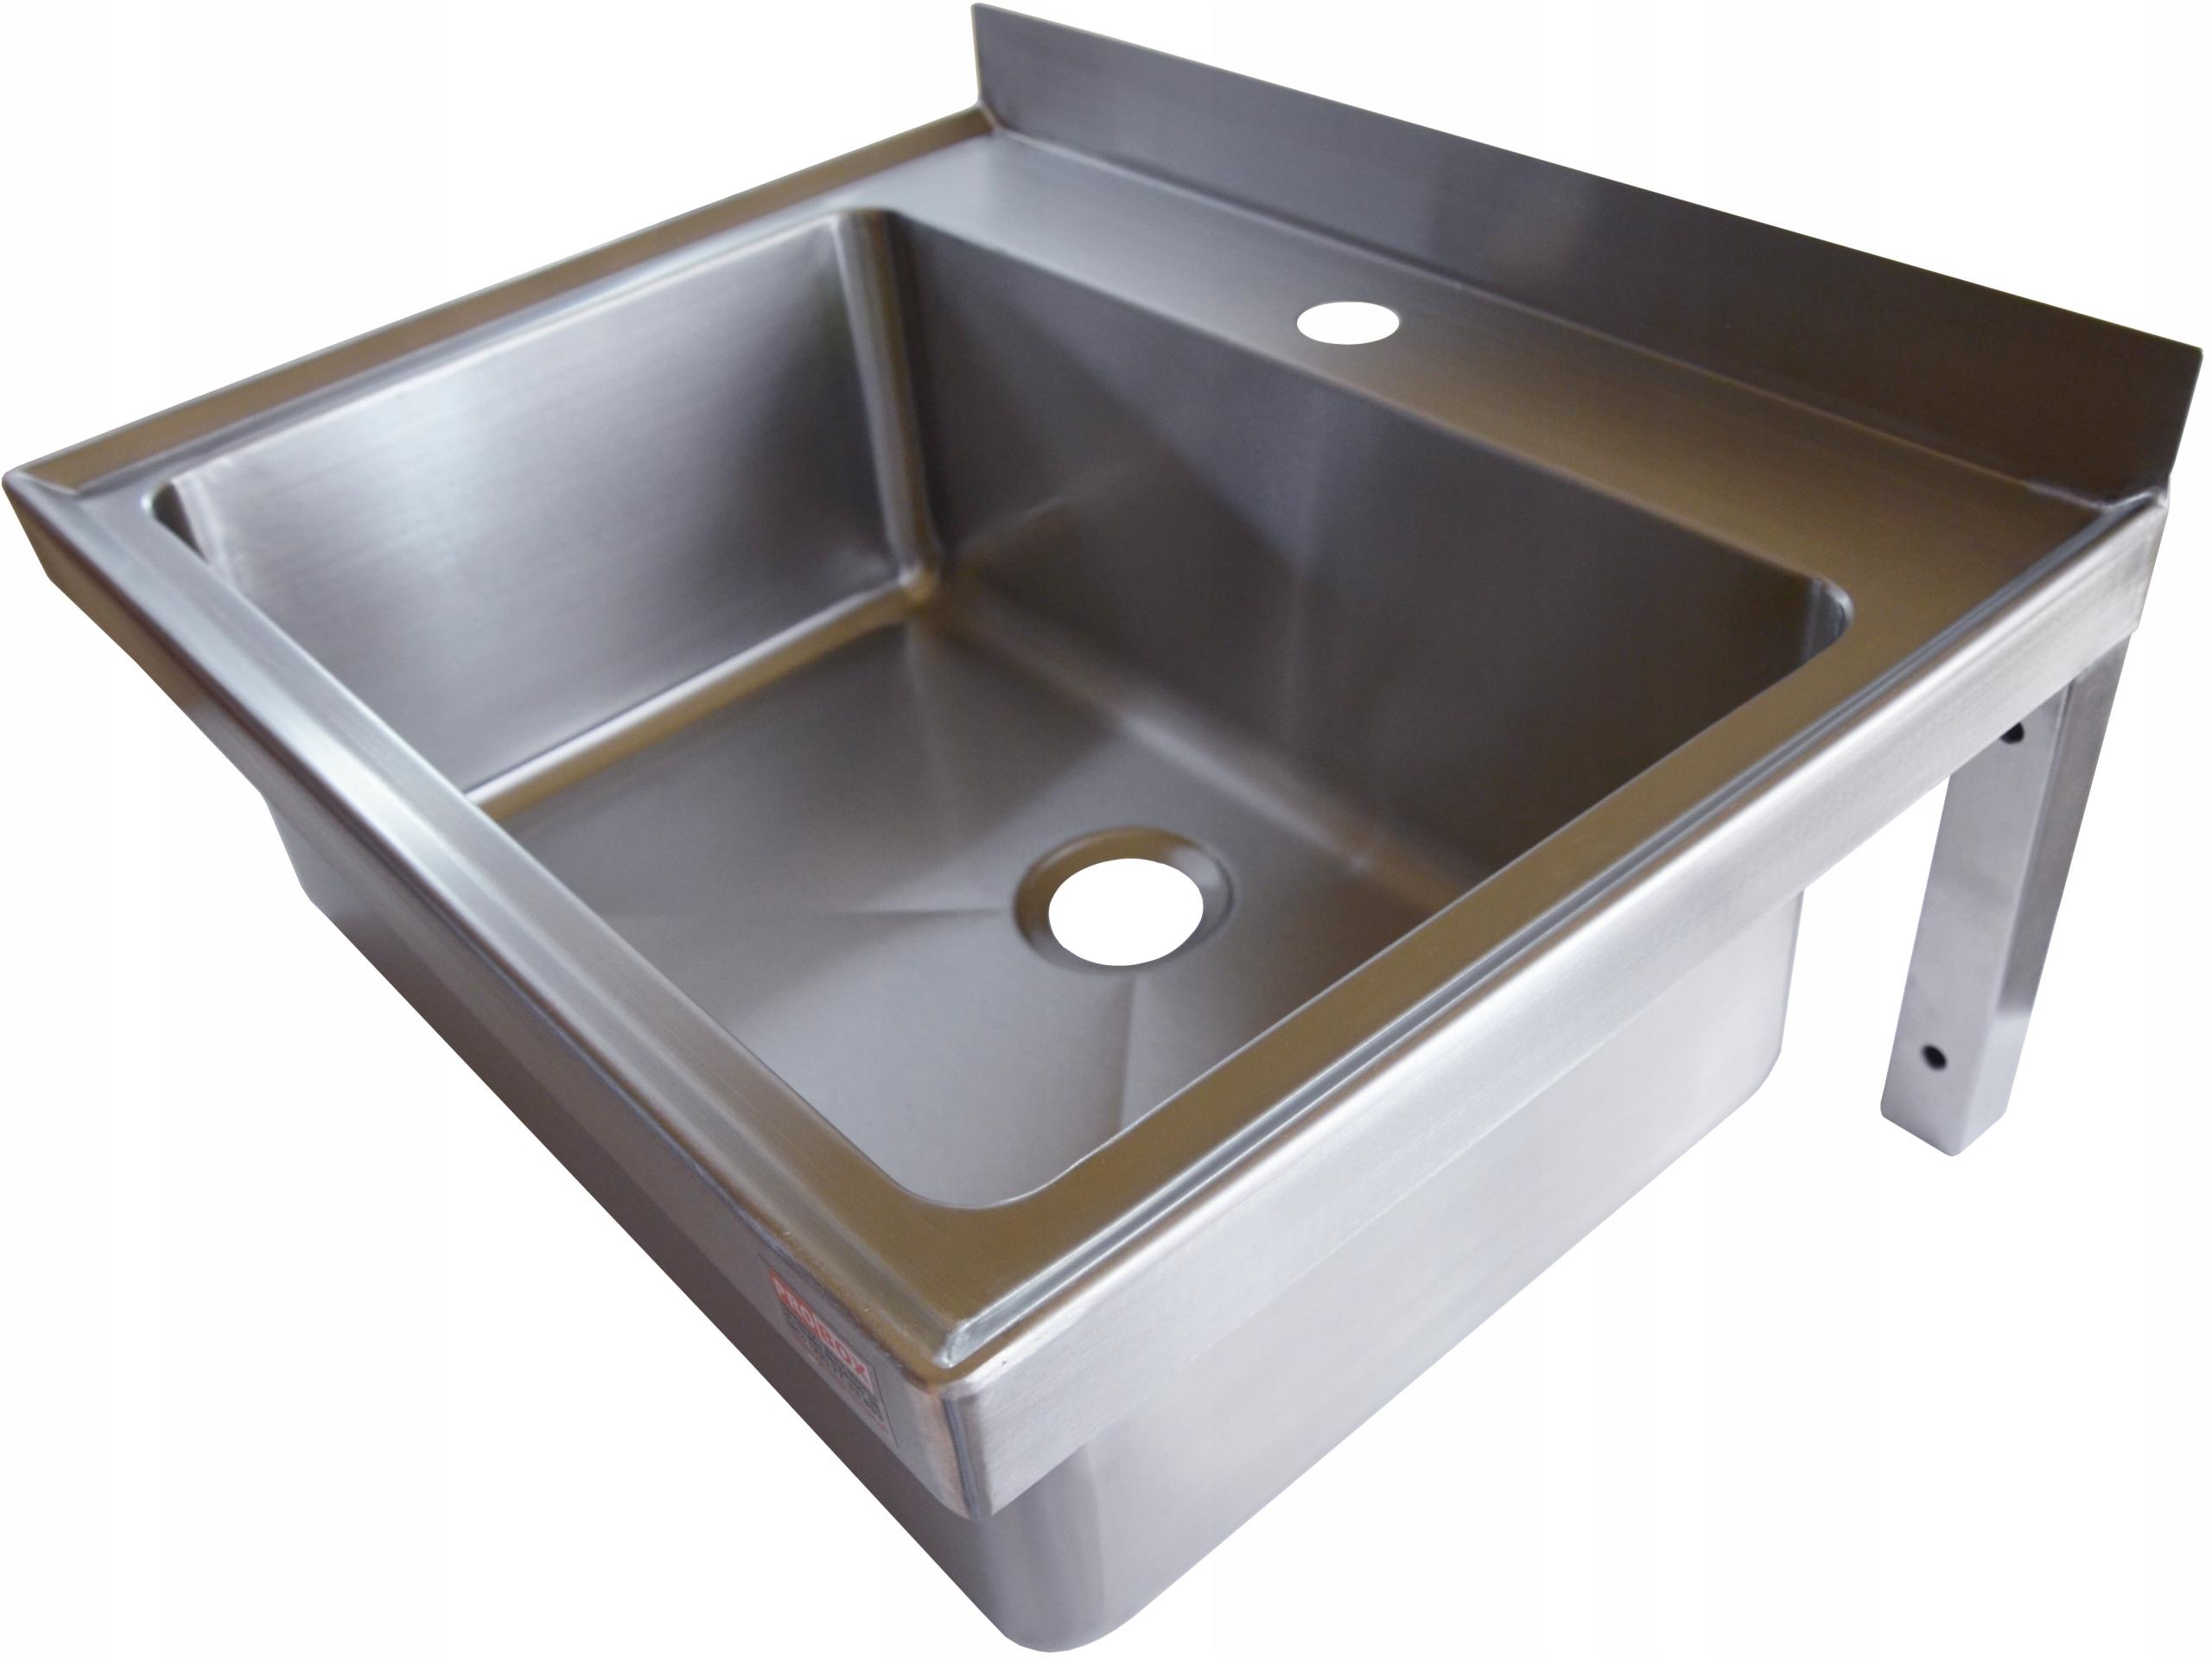 Gastronomický umývadlo z pevnej pevnej látky